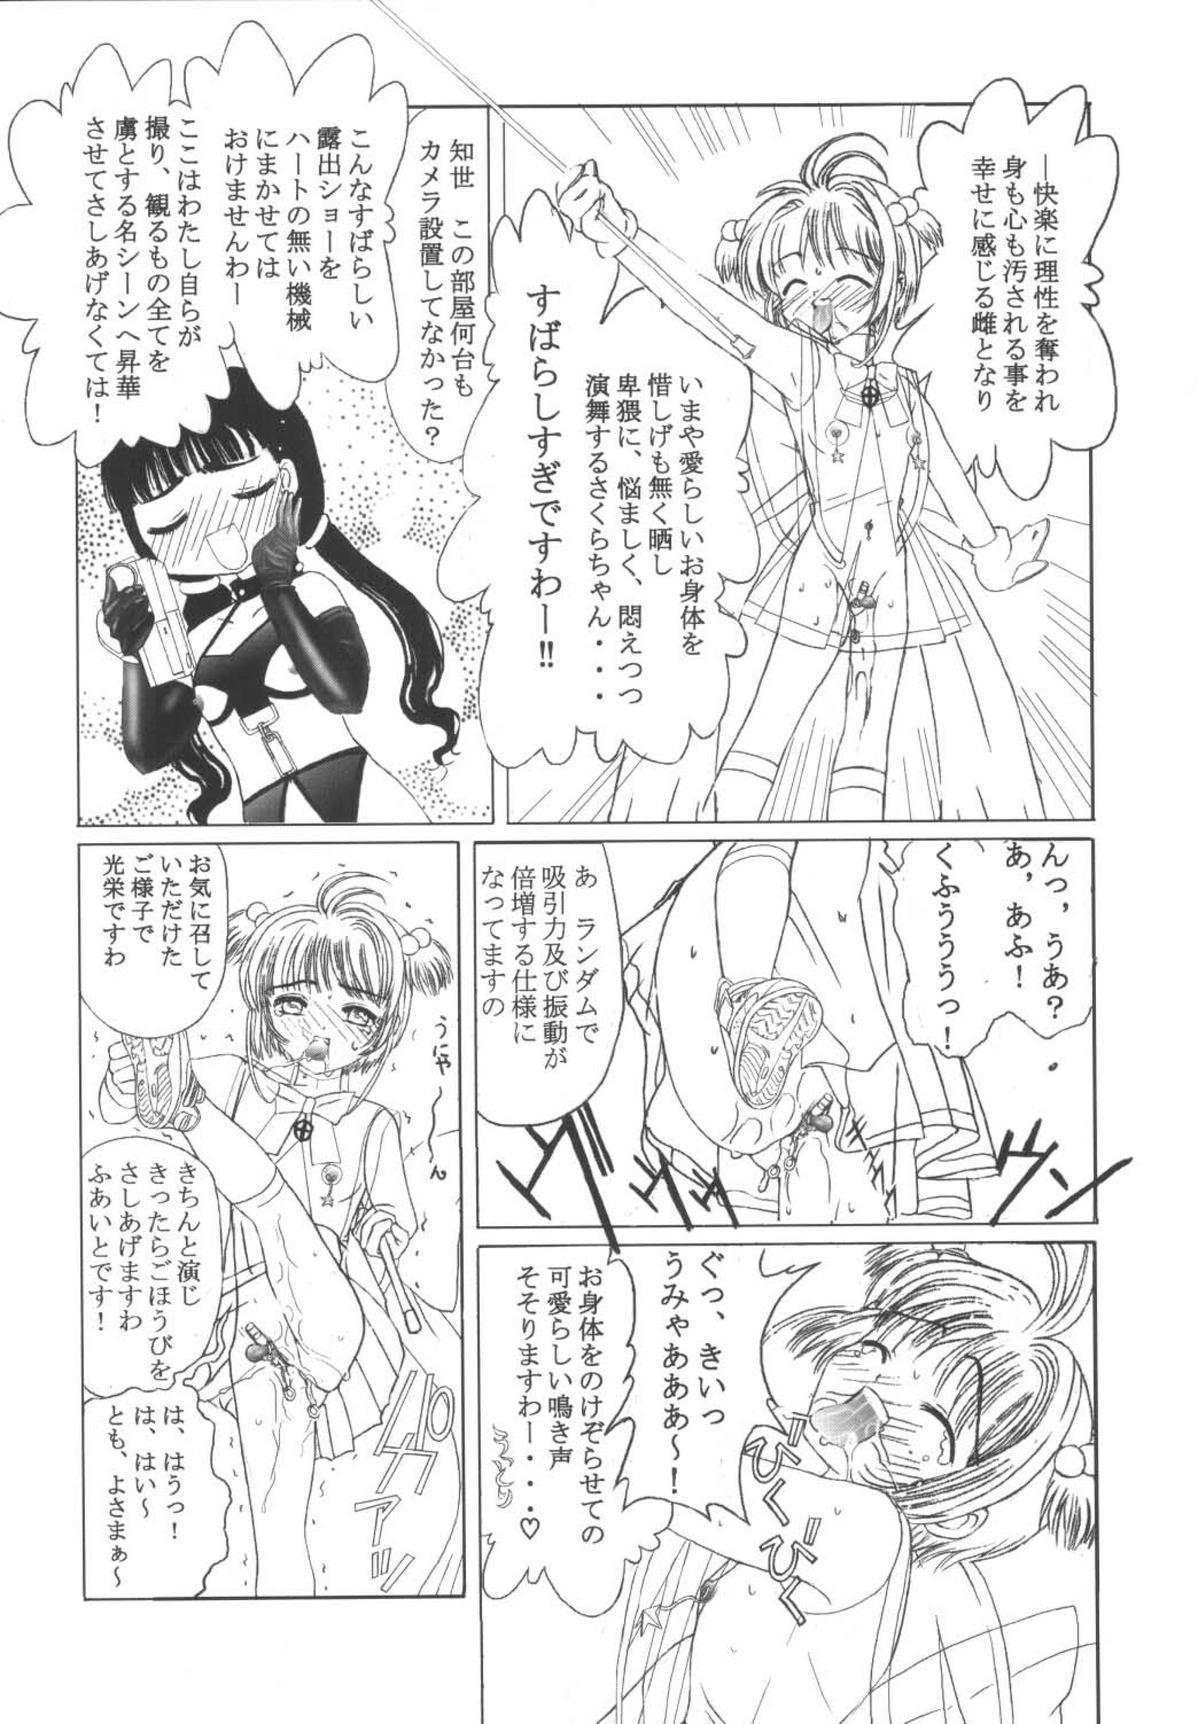 Kuuronziyou 10 Sakura-chan de Asobou 5 13